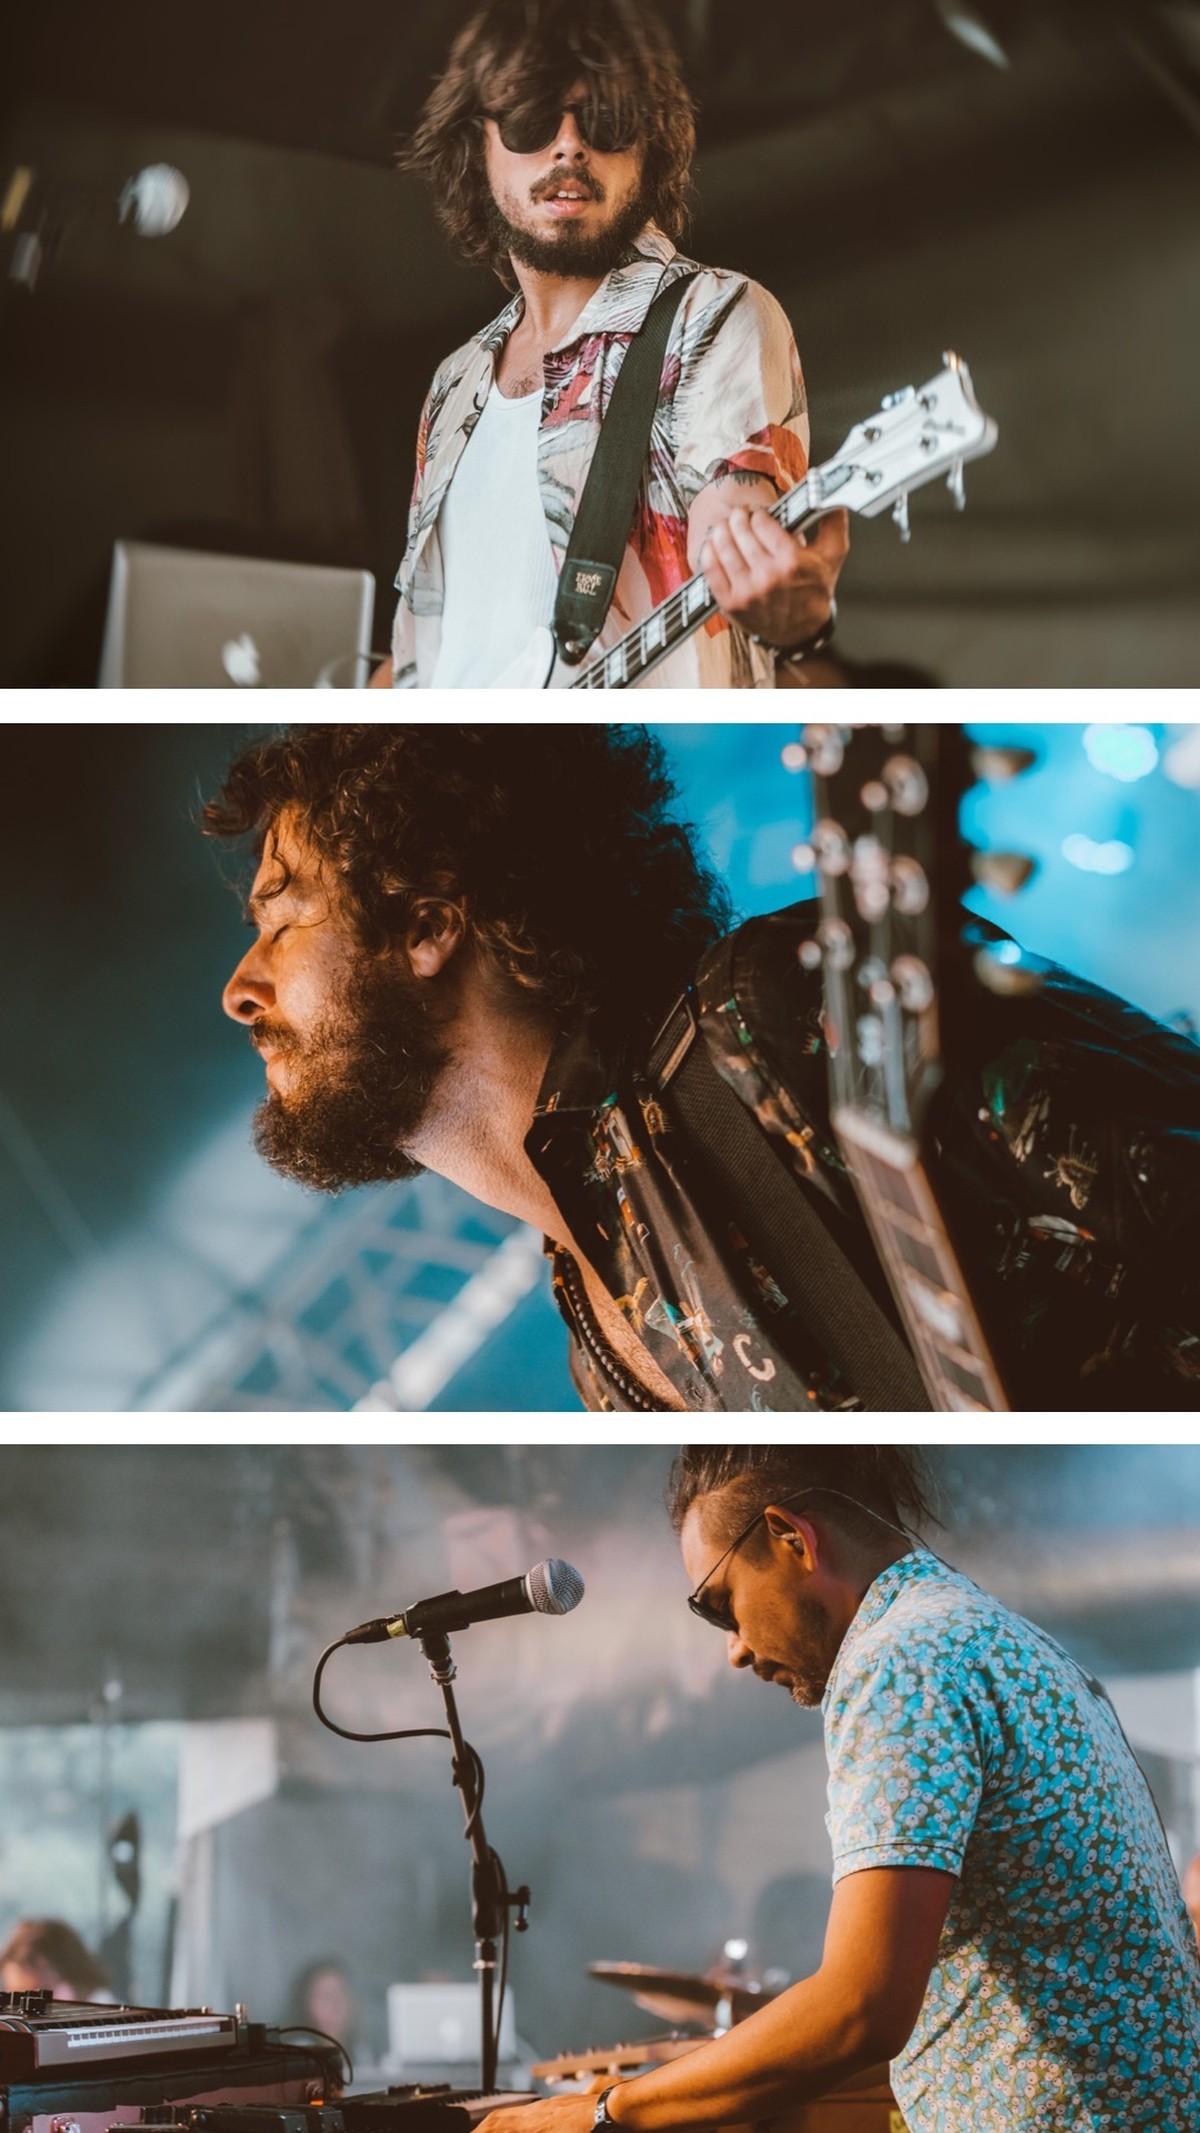 Músicos de Pitty se unem em disco que inclui faixa dedicada ao guitarrista Peu Souza | Blog do Mauro Ferreira